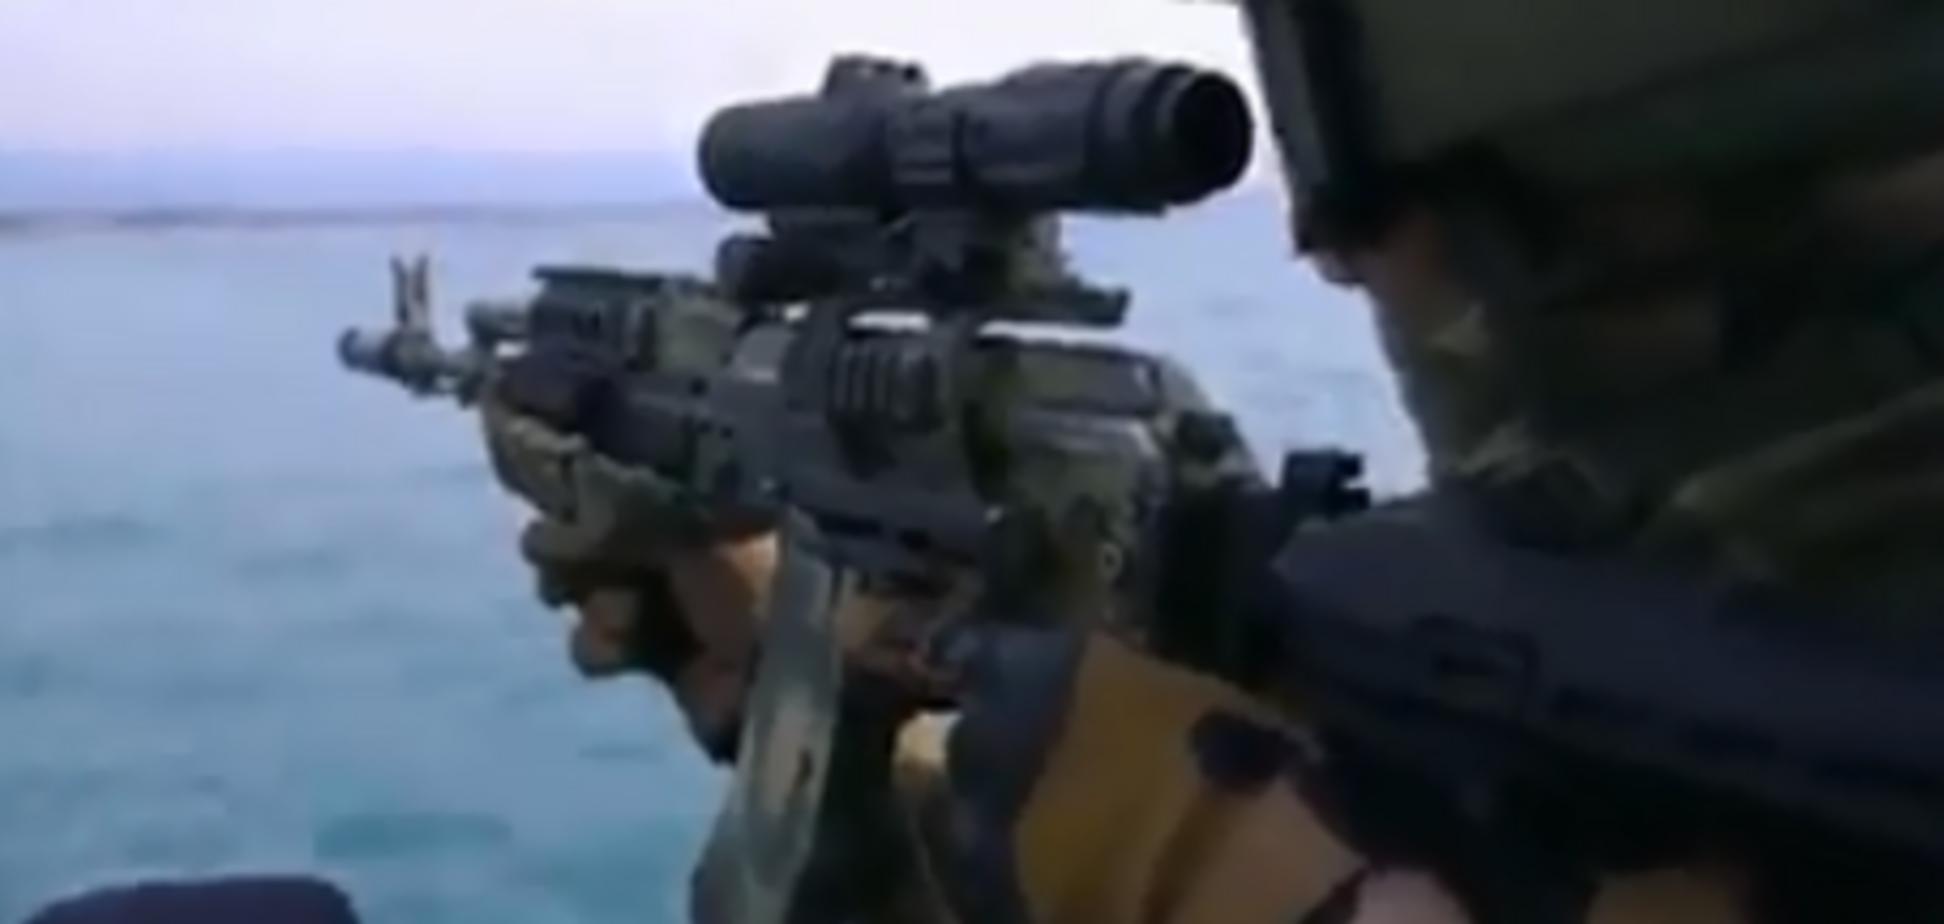 Made in Ukraine: пропагандисти зганьбилися відео з українськими вояками в морському спецназі РФ